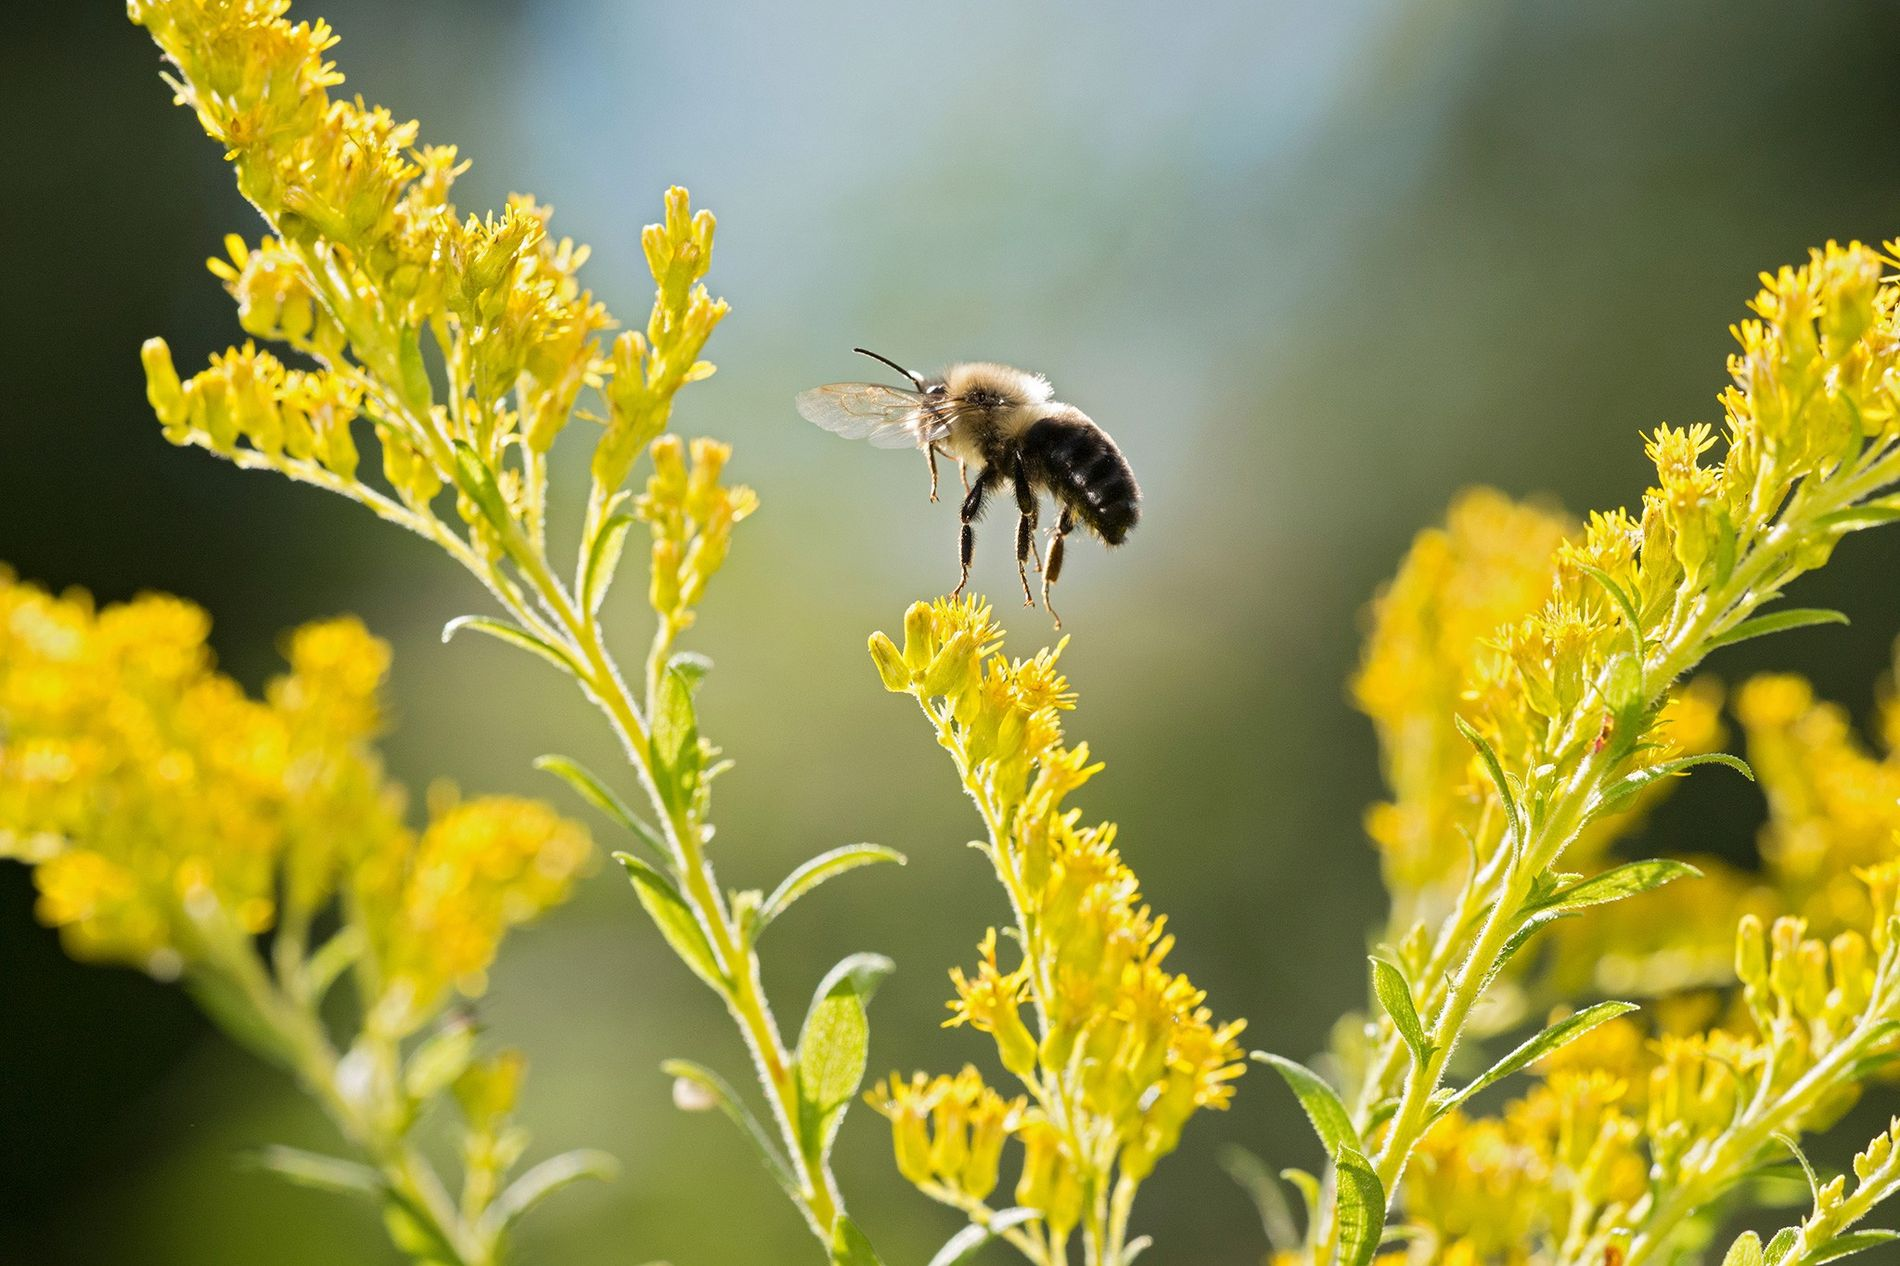 Hummeln wie dieses Exemplar der Art Bombus impatiens sind als Bestäuber oft unersetzlich für ihre Ökosysteme. ...